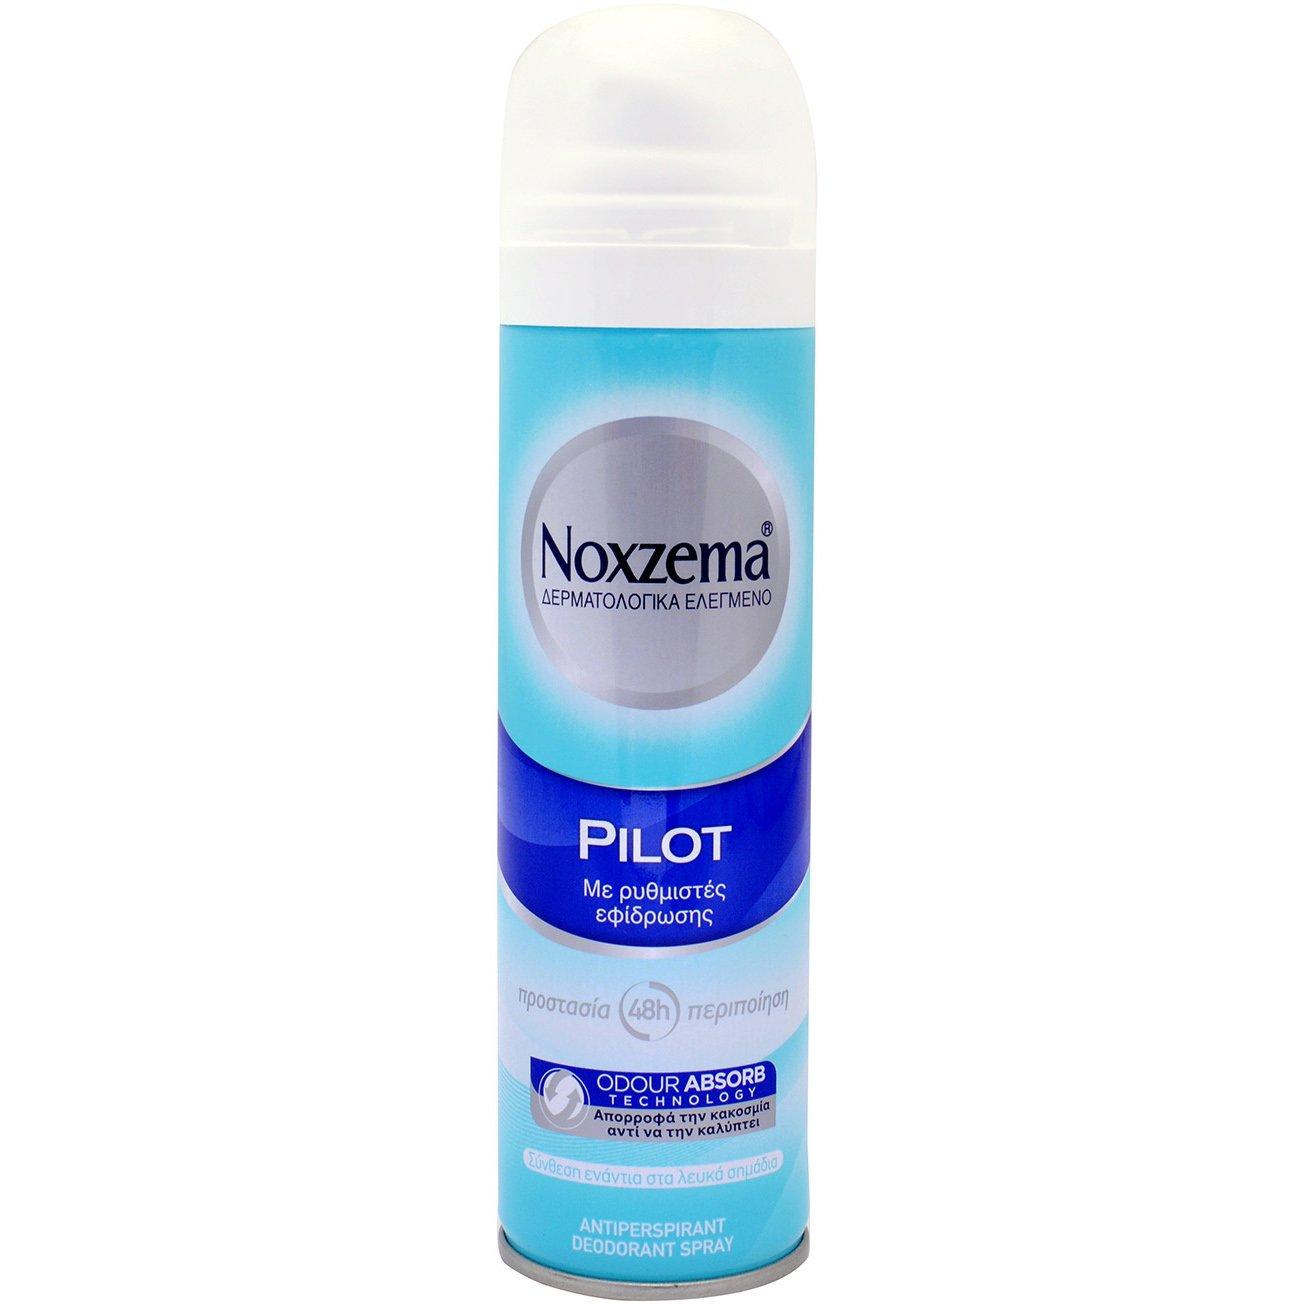 Noxzema Deodorant Pilot Spray Αρρενωπό Διακριτικό Άρωμα 150ml